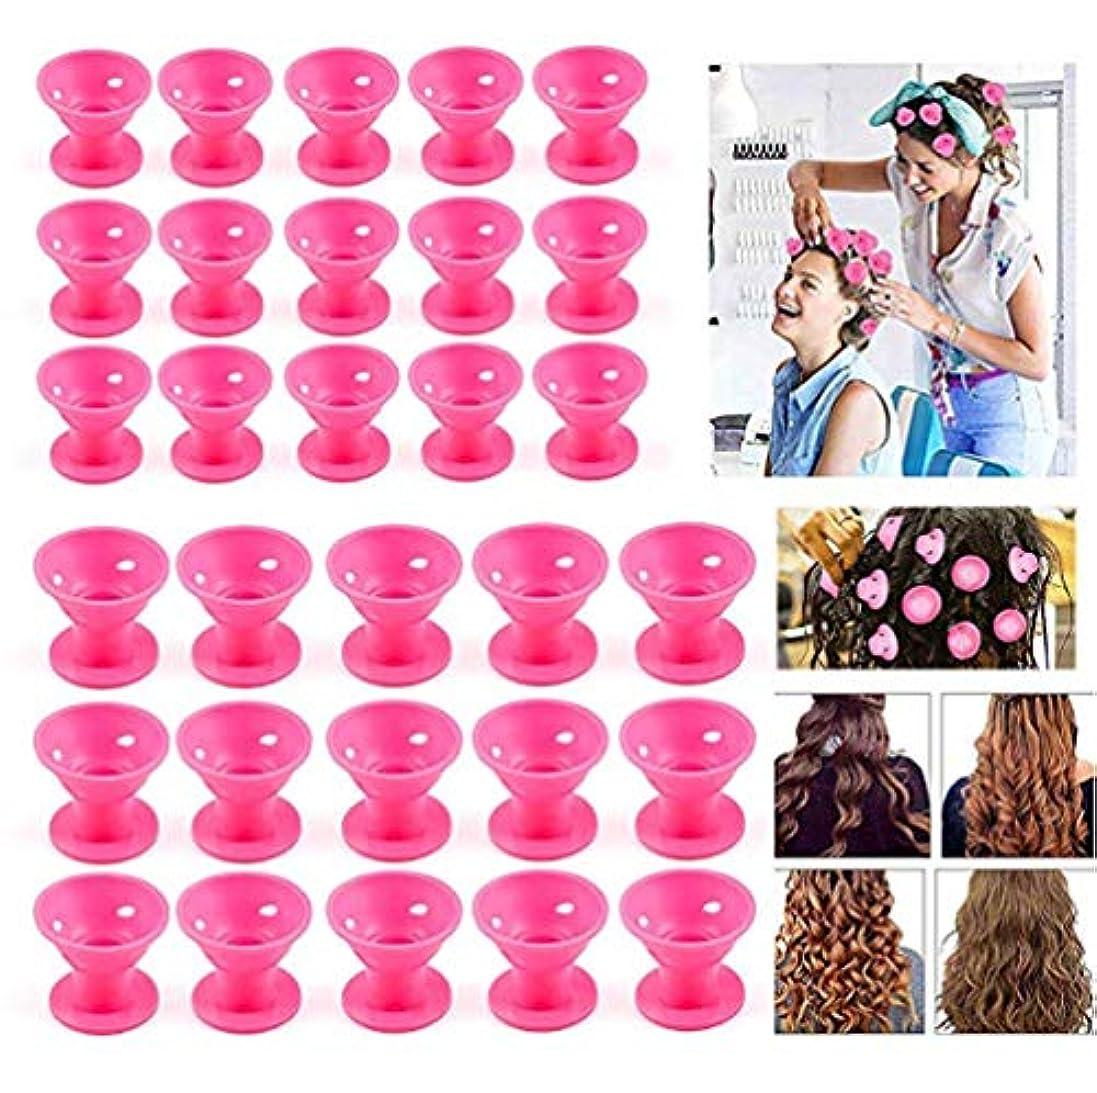 統合深める手段女性向けヘアカーラーギフト難なくヒートレスヘアスタイリングシリコンノーヒートヘアローラー(20個)